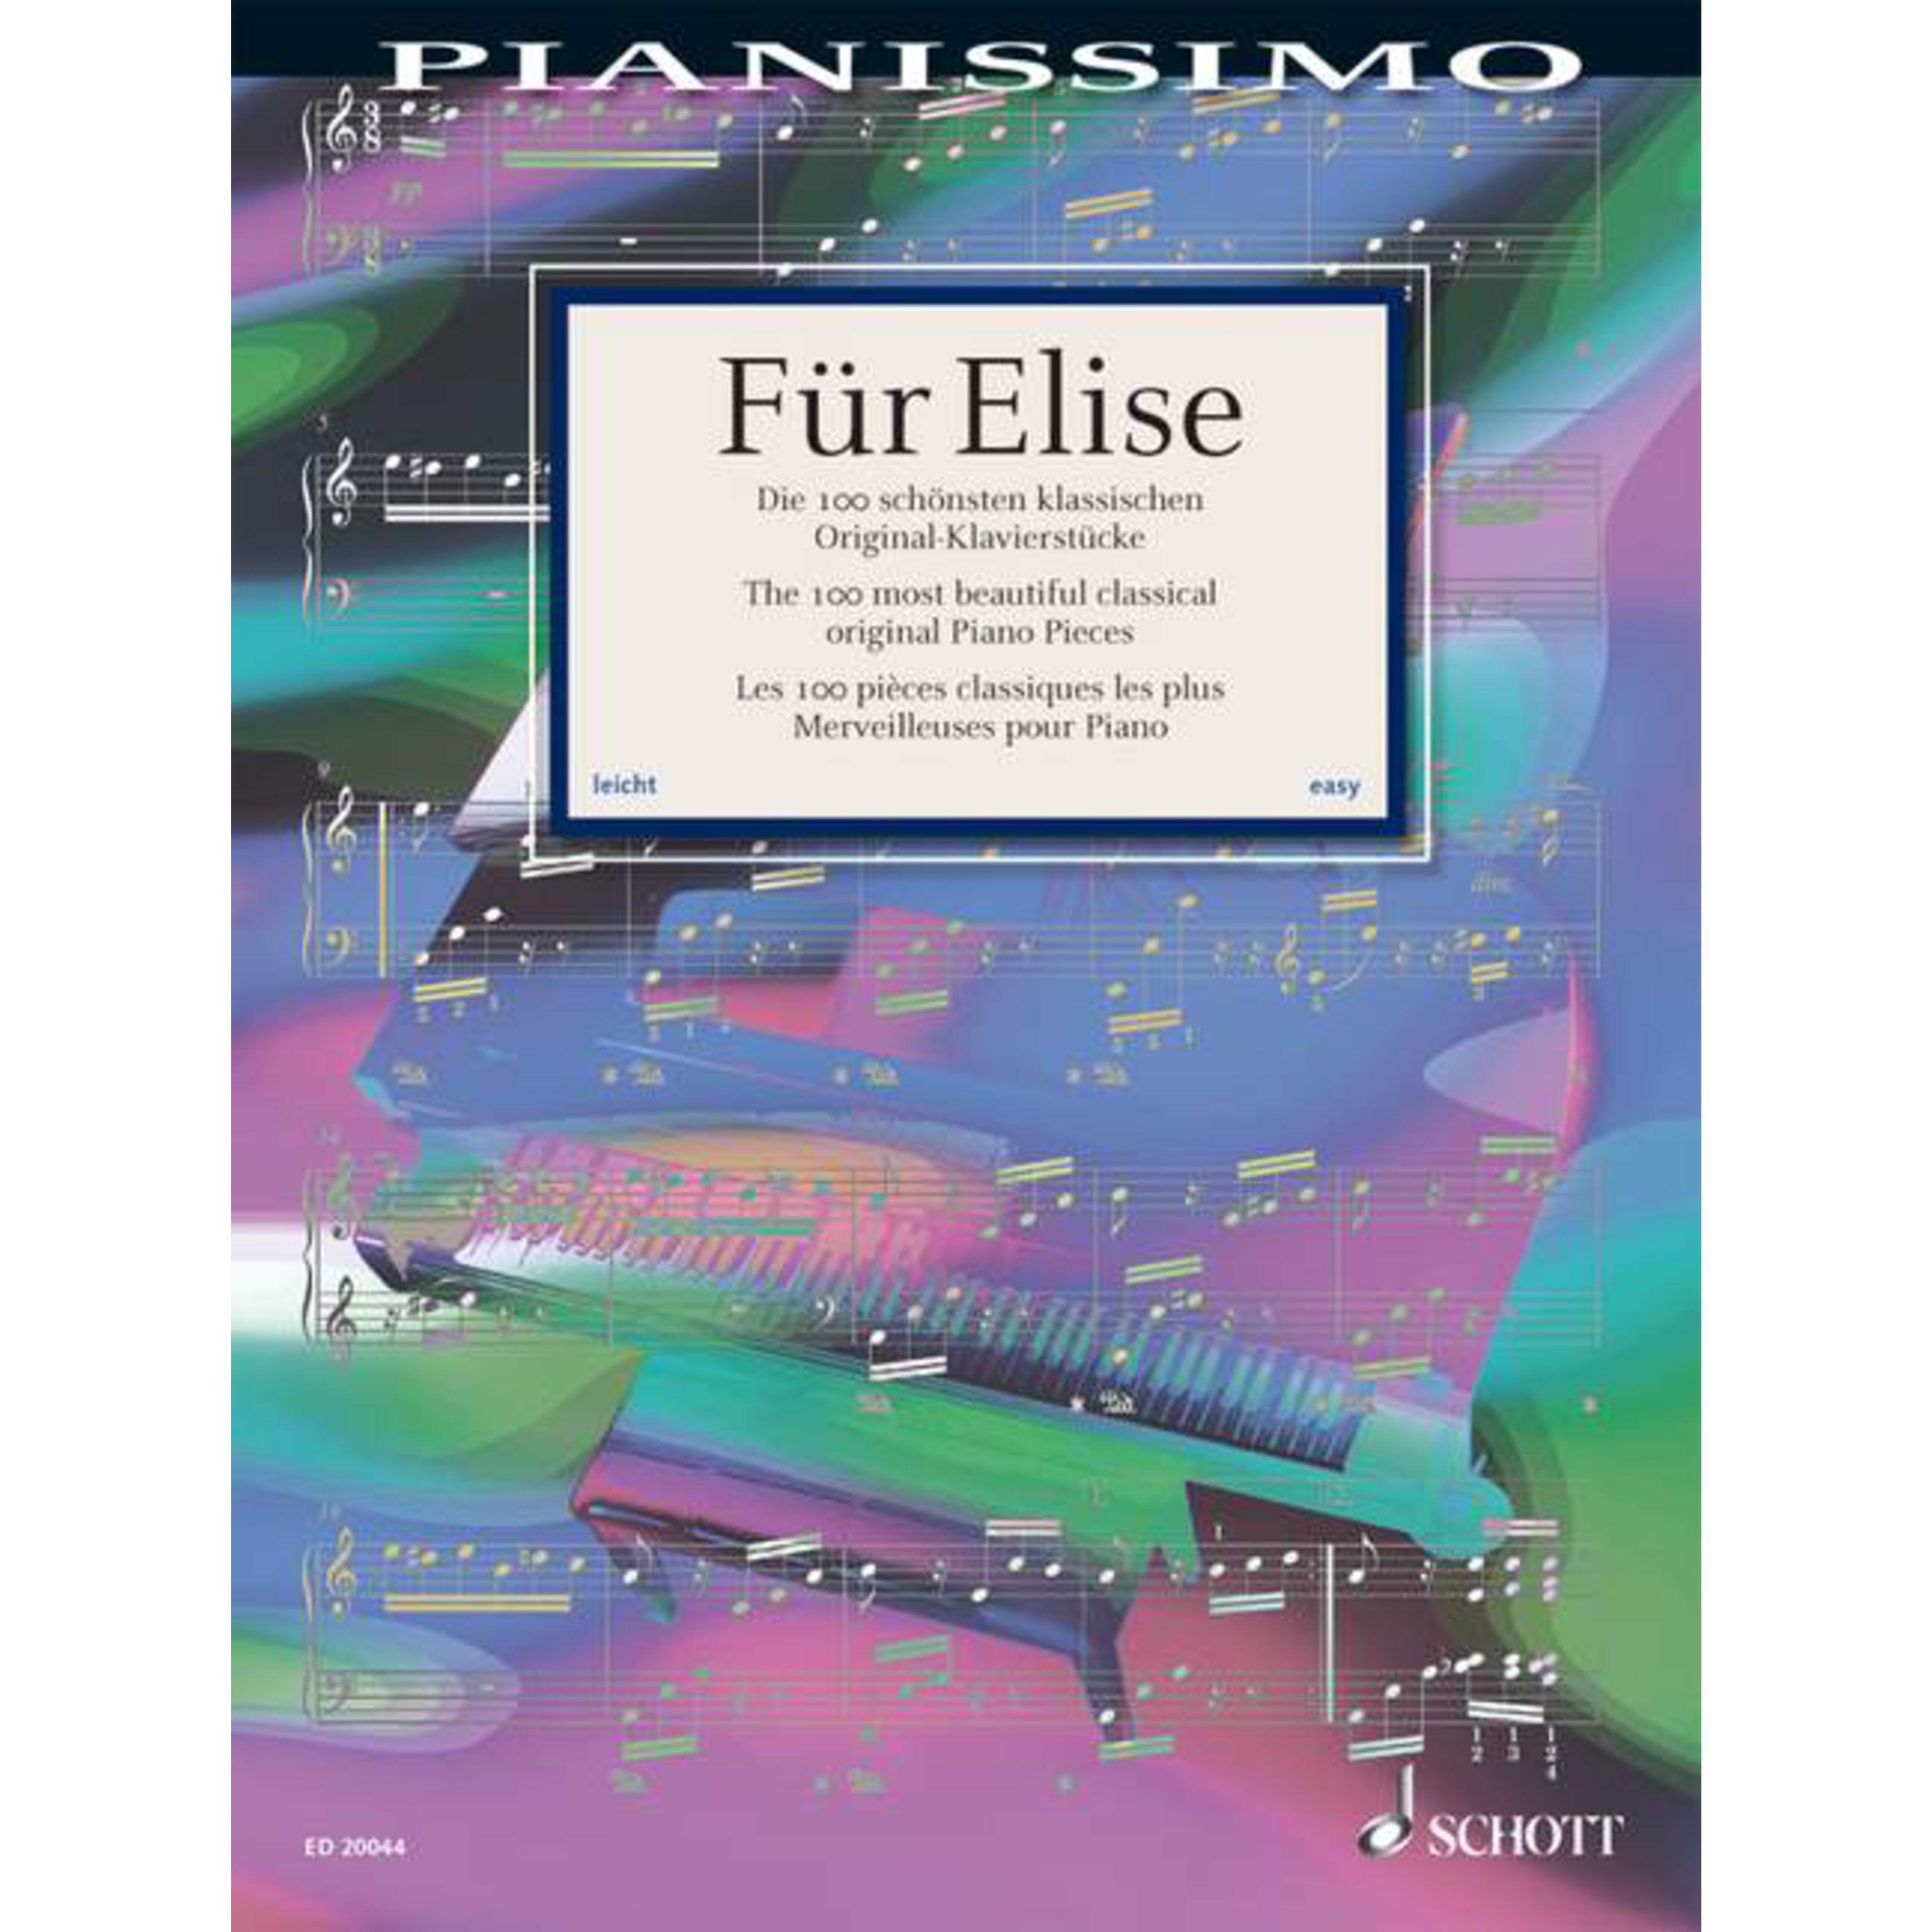 Schott Music - Für Elise ED 20044